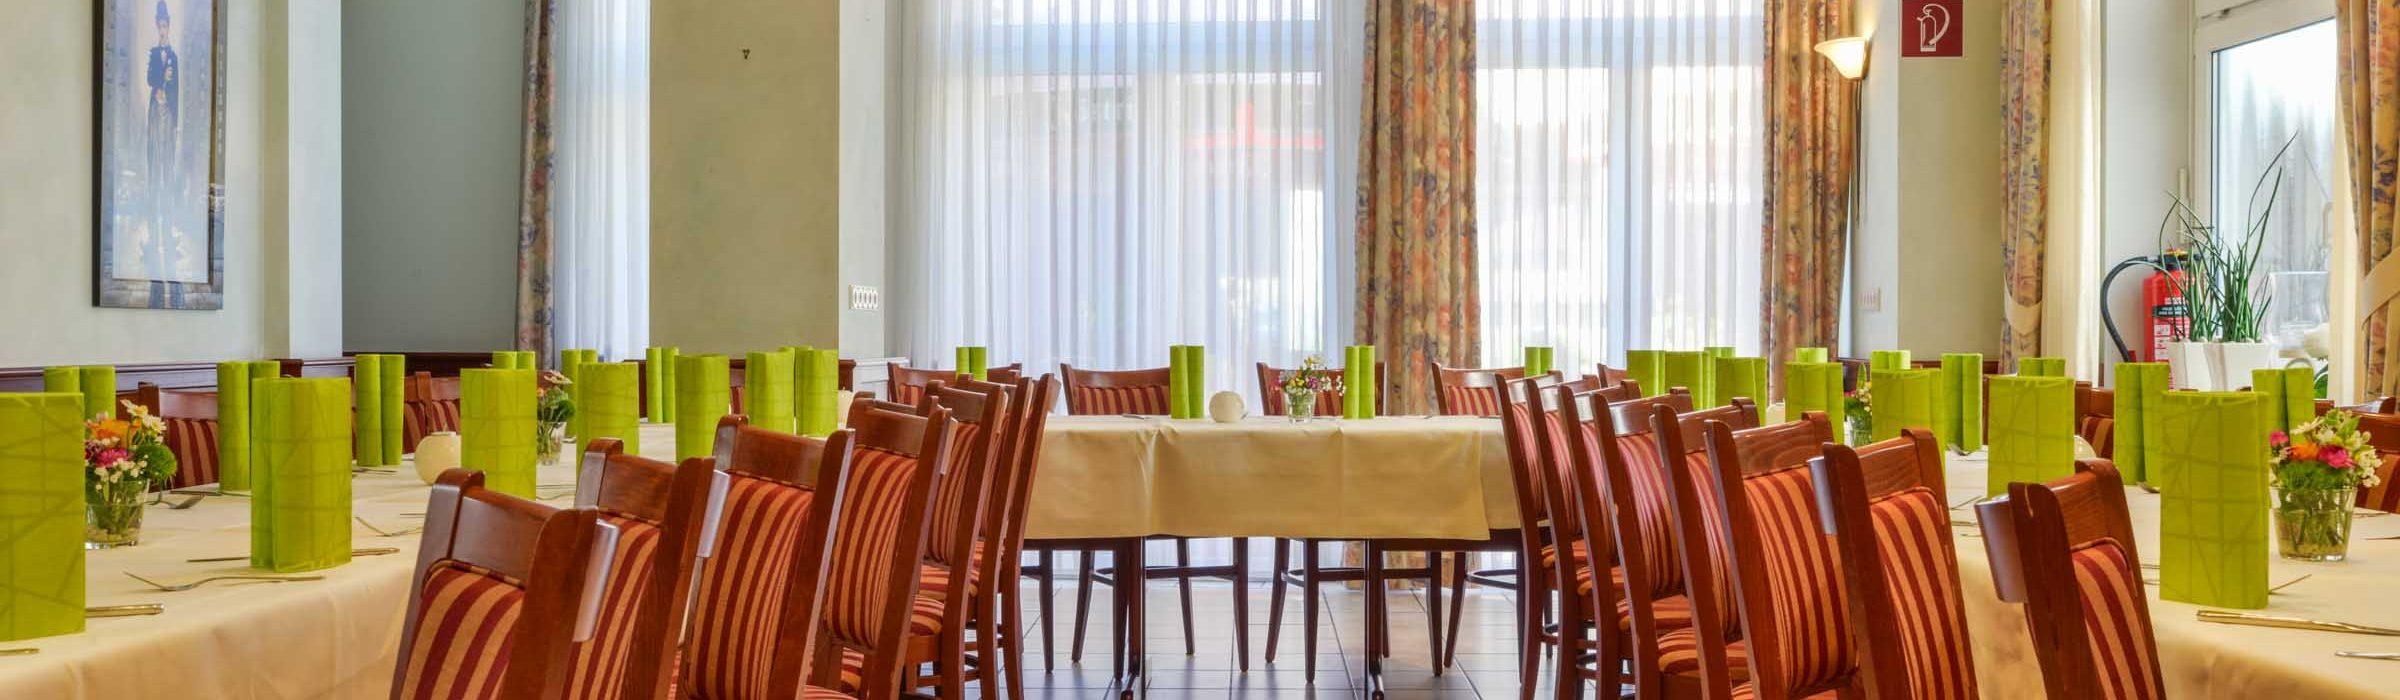 Hotel Restaurant Hessischer Hof Kirchhain - Feierlichkeiten Feiern & Tagen